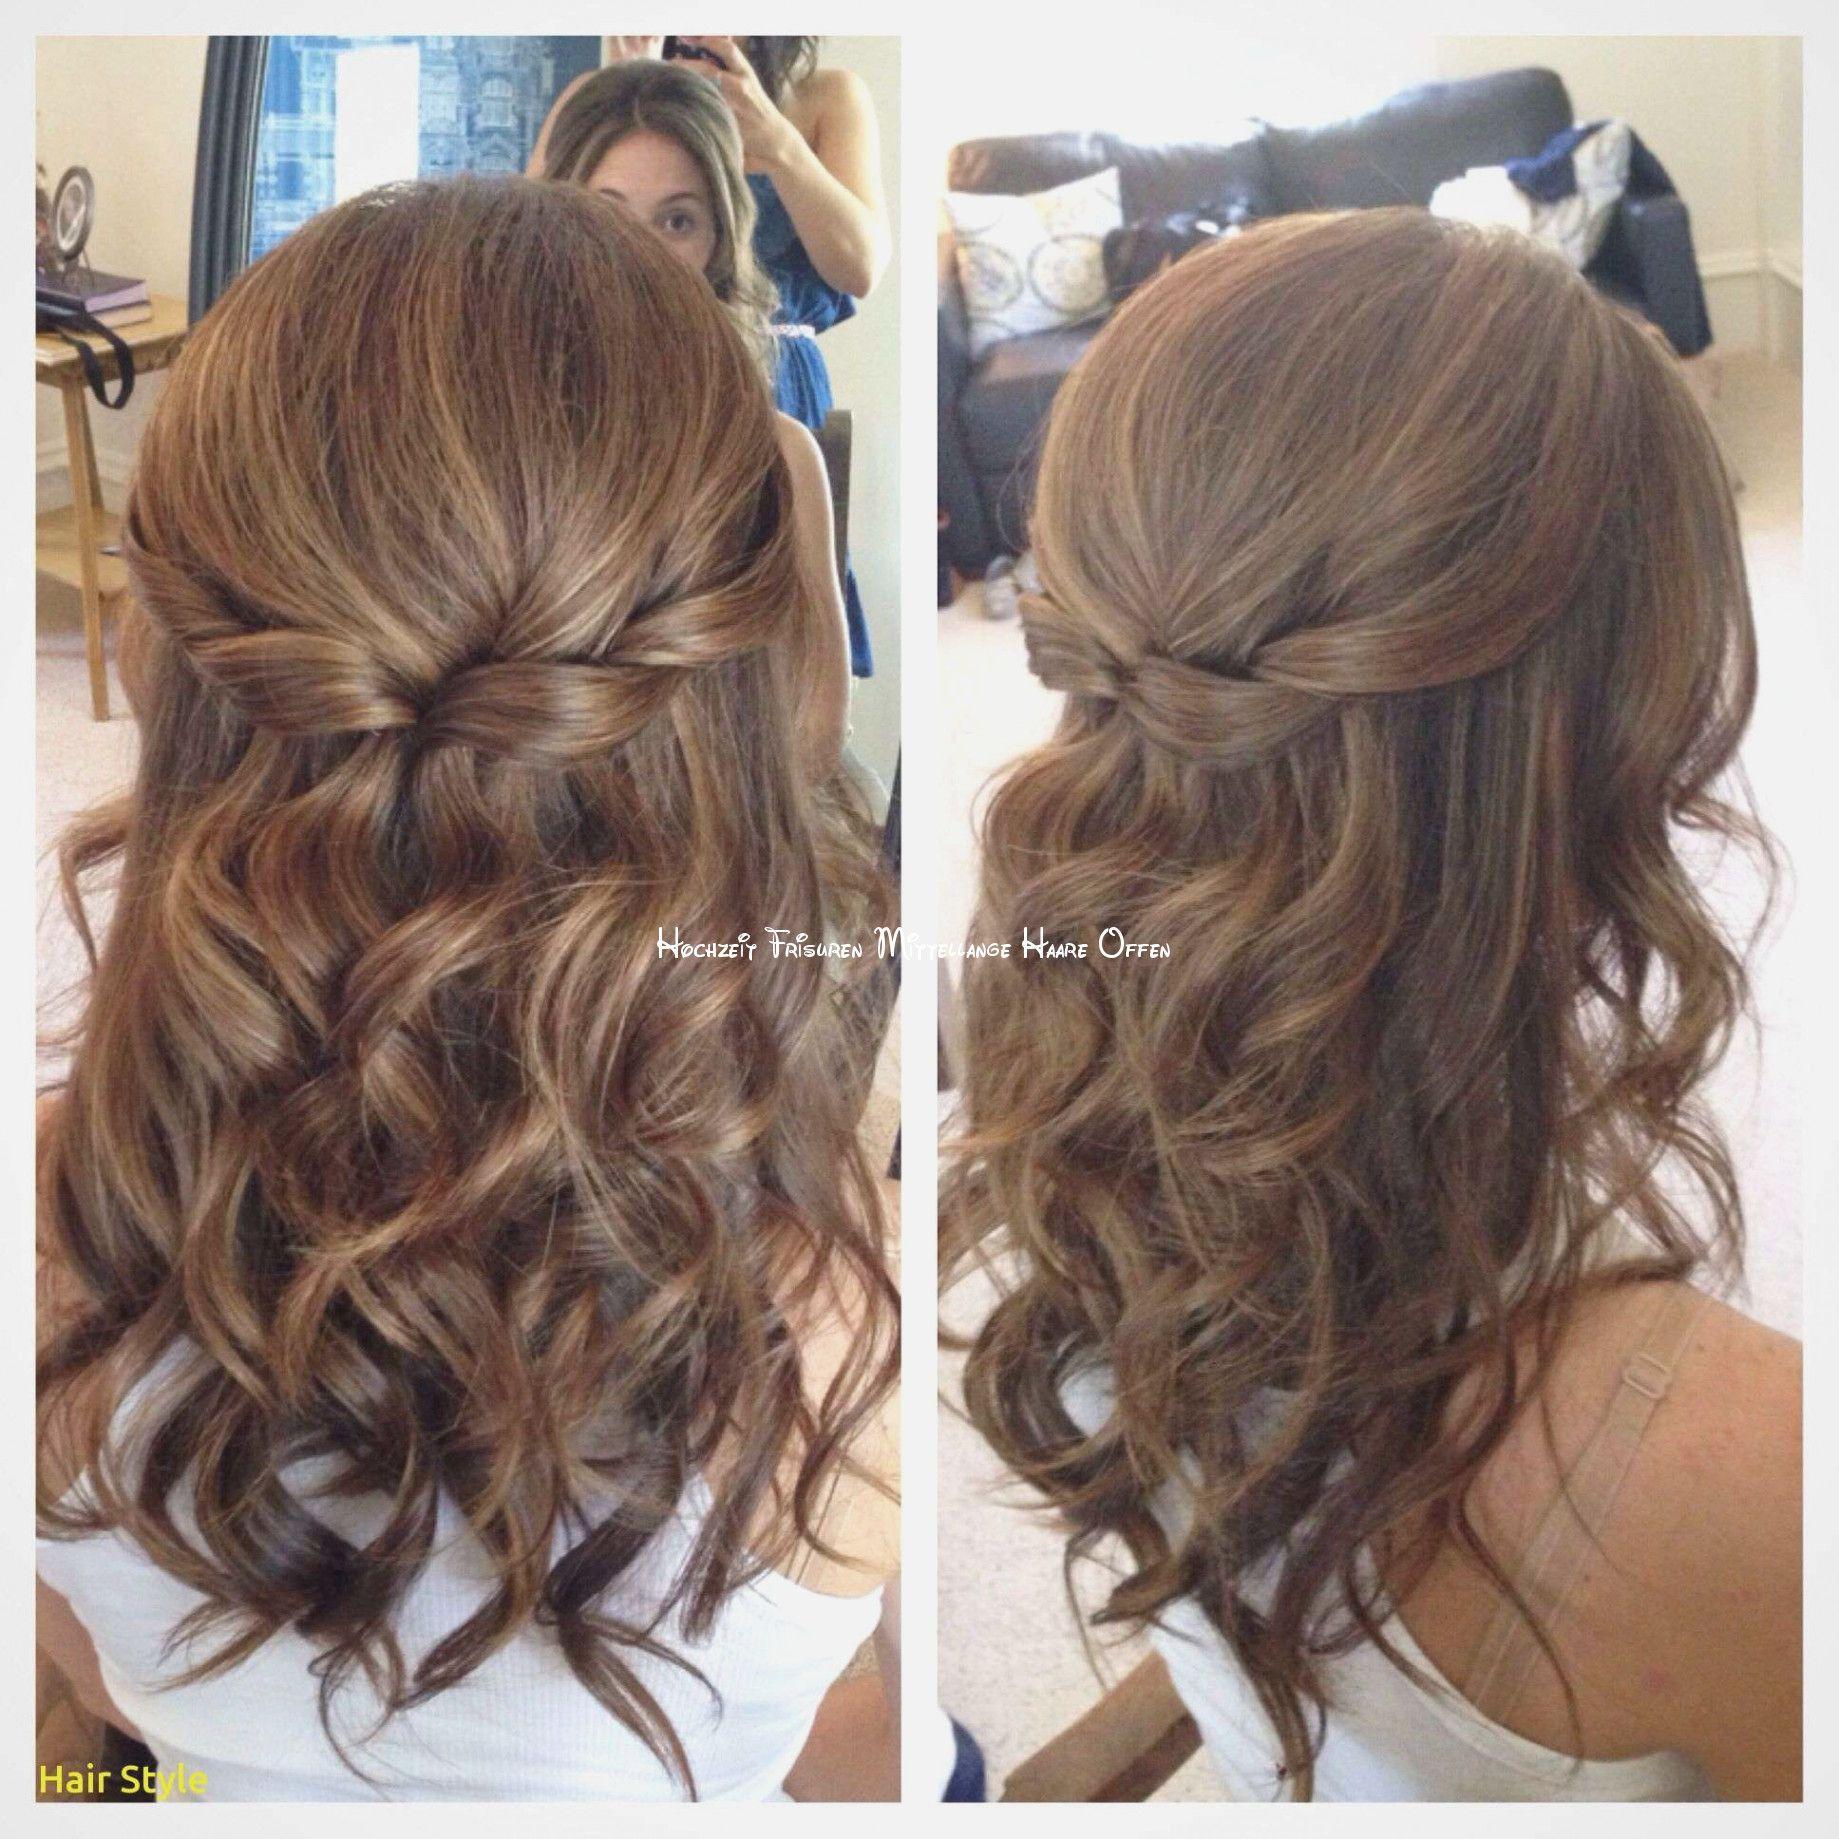 Warum Ist Hochzeit Frisuren Mittellange Haare Offen So Beruhmt Elegante Frisuren Haare Hochzeit Frisuren Offene Haare Hochzeit